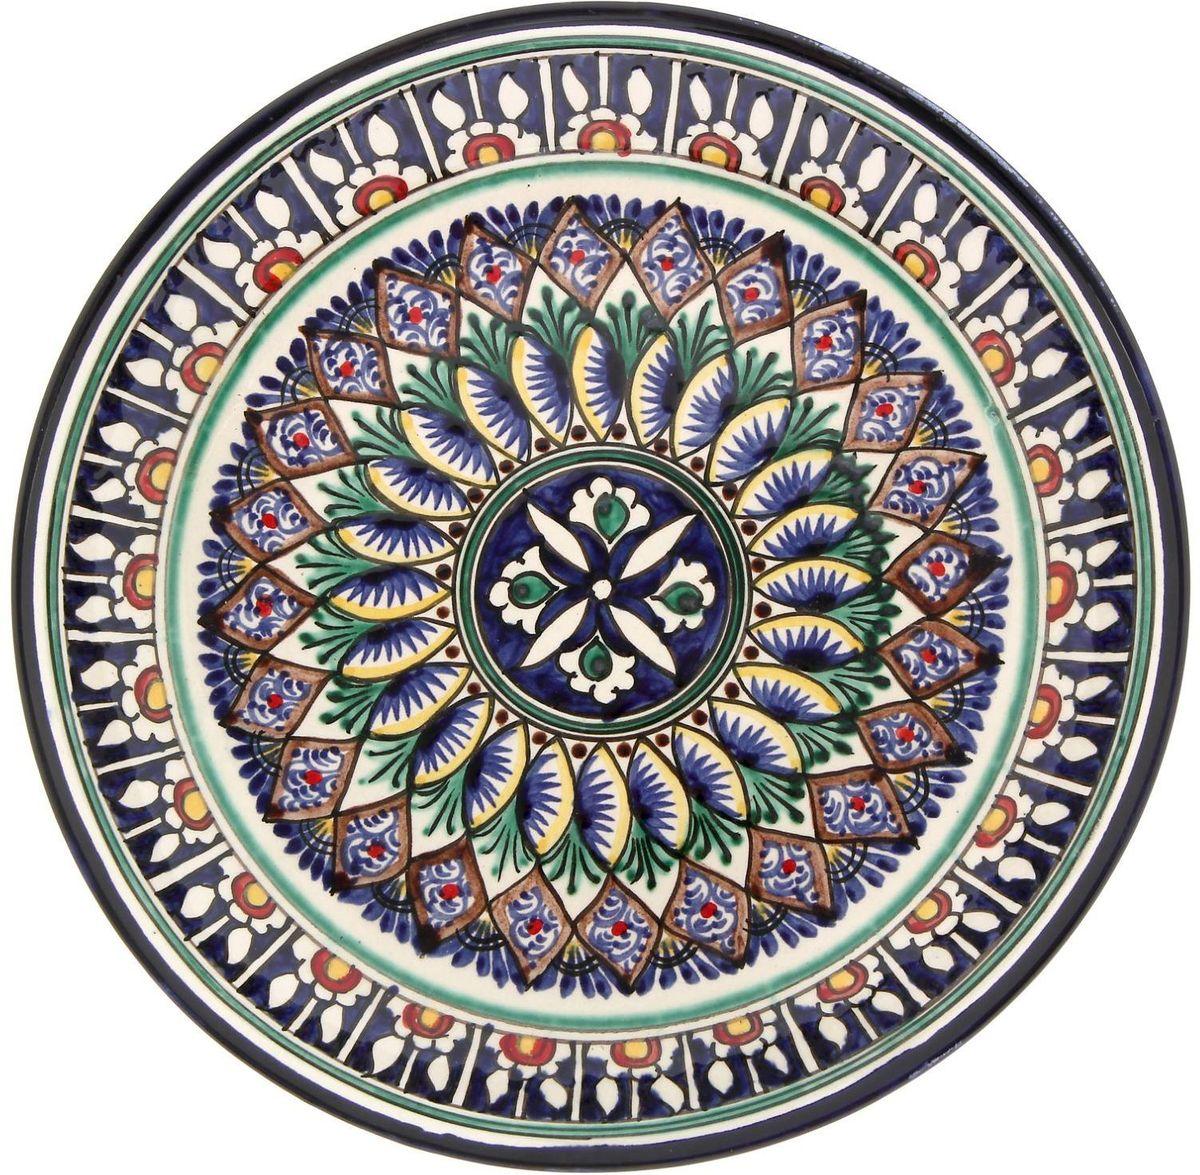 Тарелка глубокая Риштанская керамика Оддий, диаметр 25 см2556865Узбекская посуда известна всему миру уже более тысячи лет. Ей любовались царские особы, на ней подавали еду шейхам и знатным персонам. Формула глазури передаётся из поколения в поколение. По сей день качественные изделия продолжают восхищать своей идеальной формой.Данный предмет подойдёт для повседневной и праздничной сервировки. Дополните стол текстилем и салфетками в тон, чтобы получить элегантное убранство с яркими акцентами.